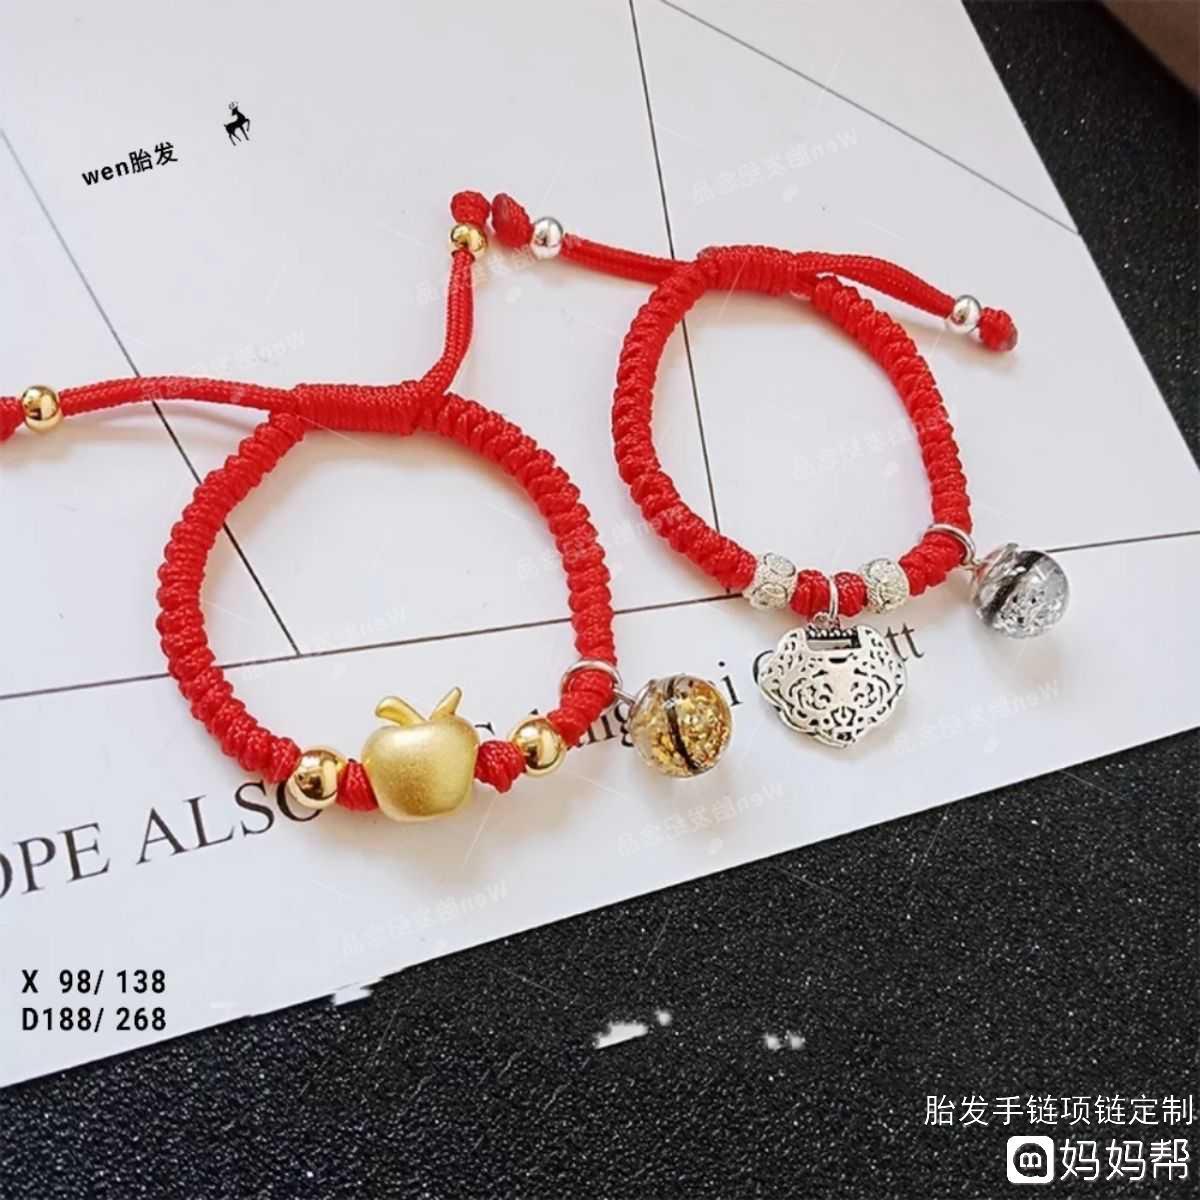 头发红绳手链分享展示